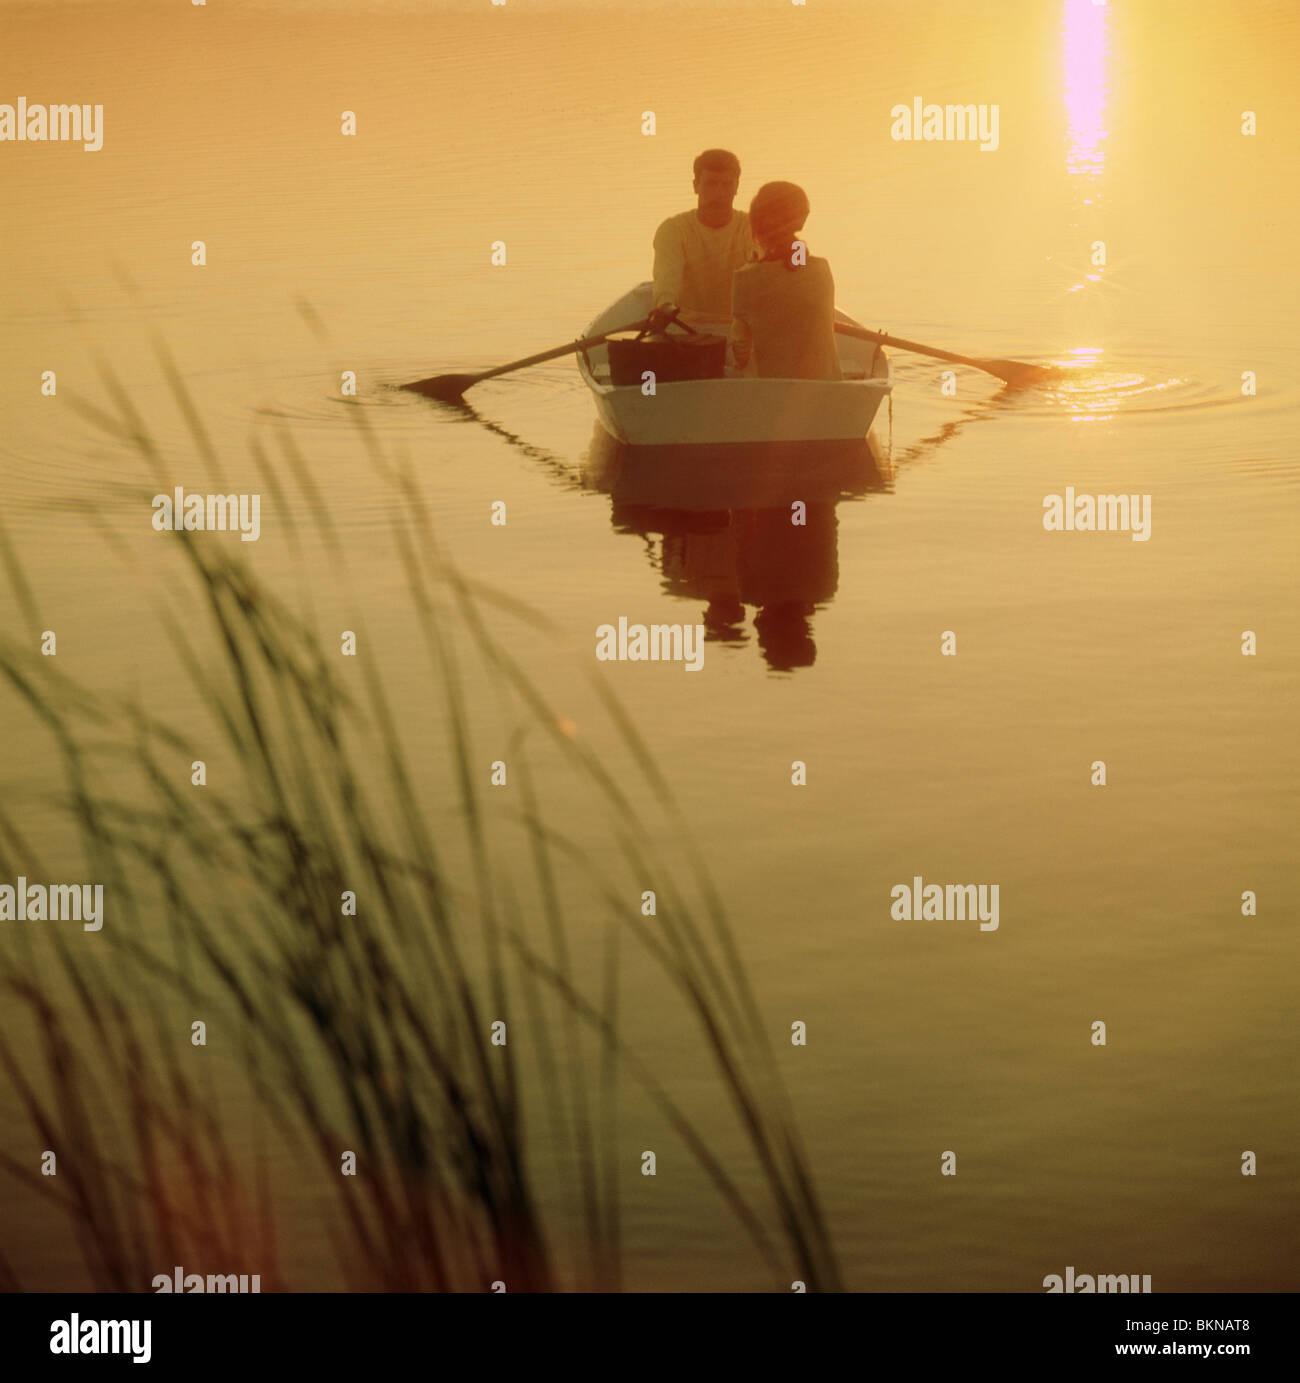 Giovane su una barca a remi durante il tramonto Immagini Stock